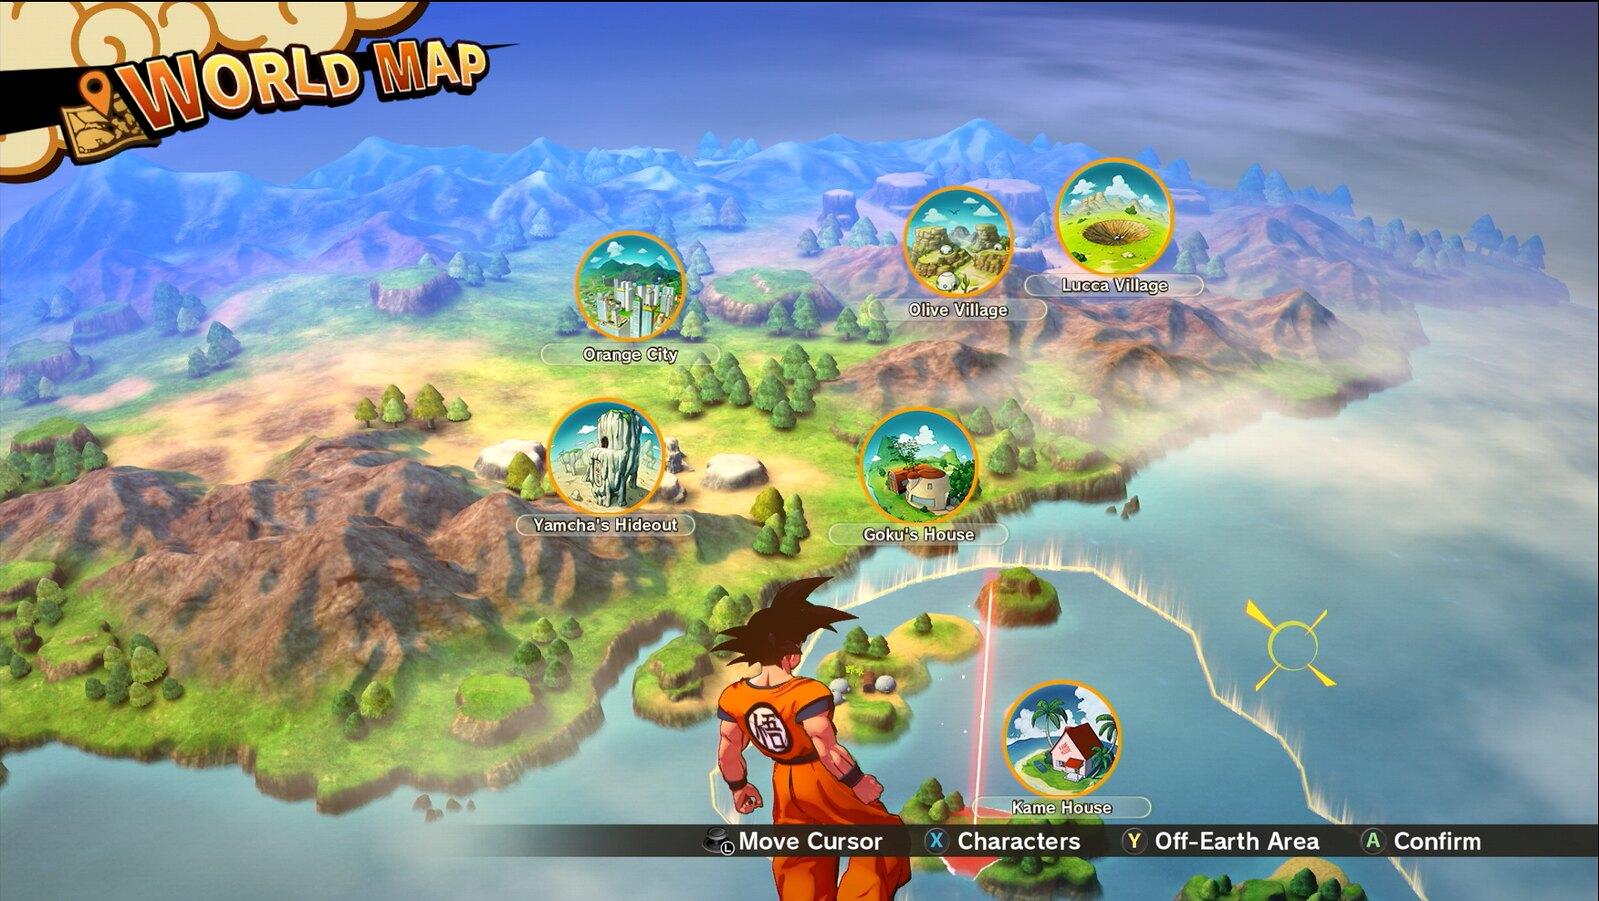 49198293738 0525219e5f h - Erlebe mit Dragon Ball Z: Kakarot einen Klassiker der Anime-Geschichte